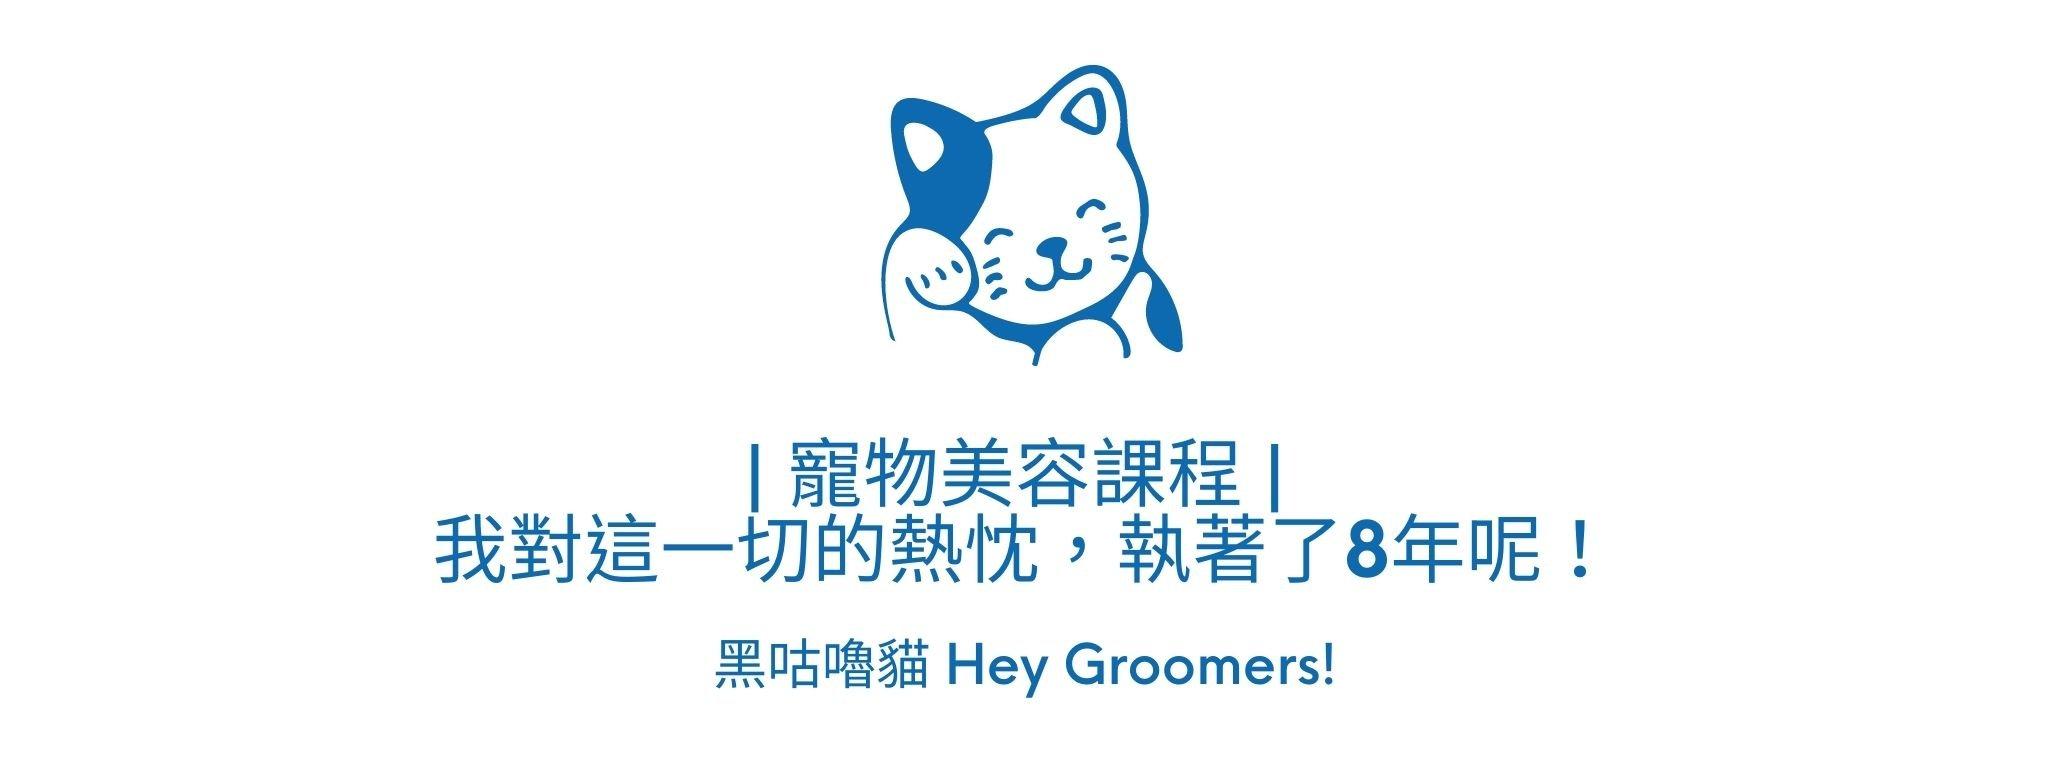 寵物美容課程 寵物美容師 小米